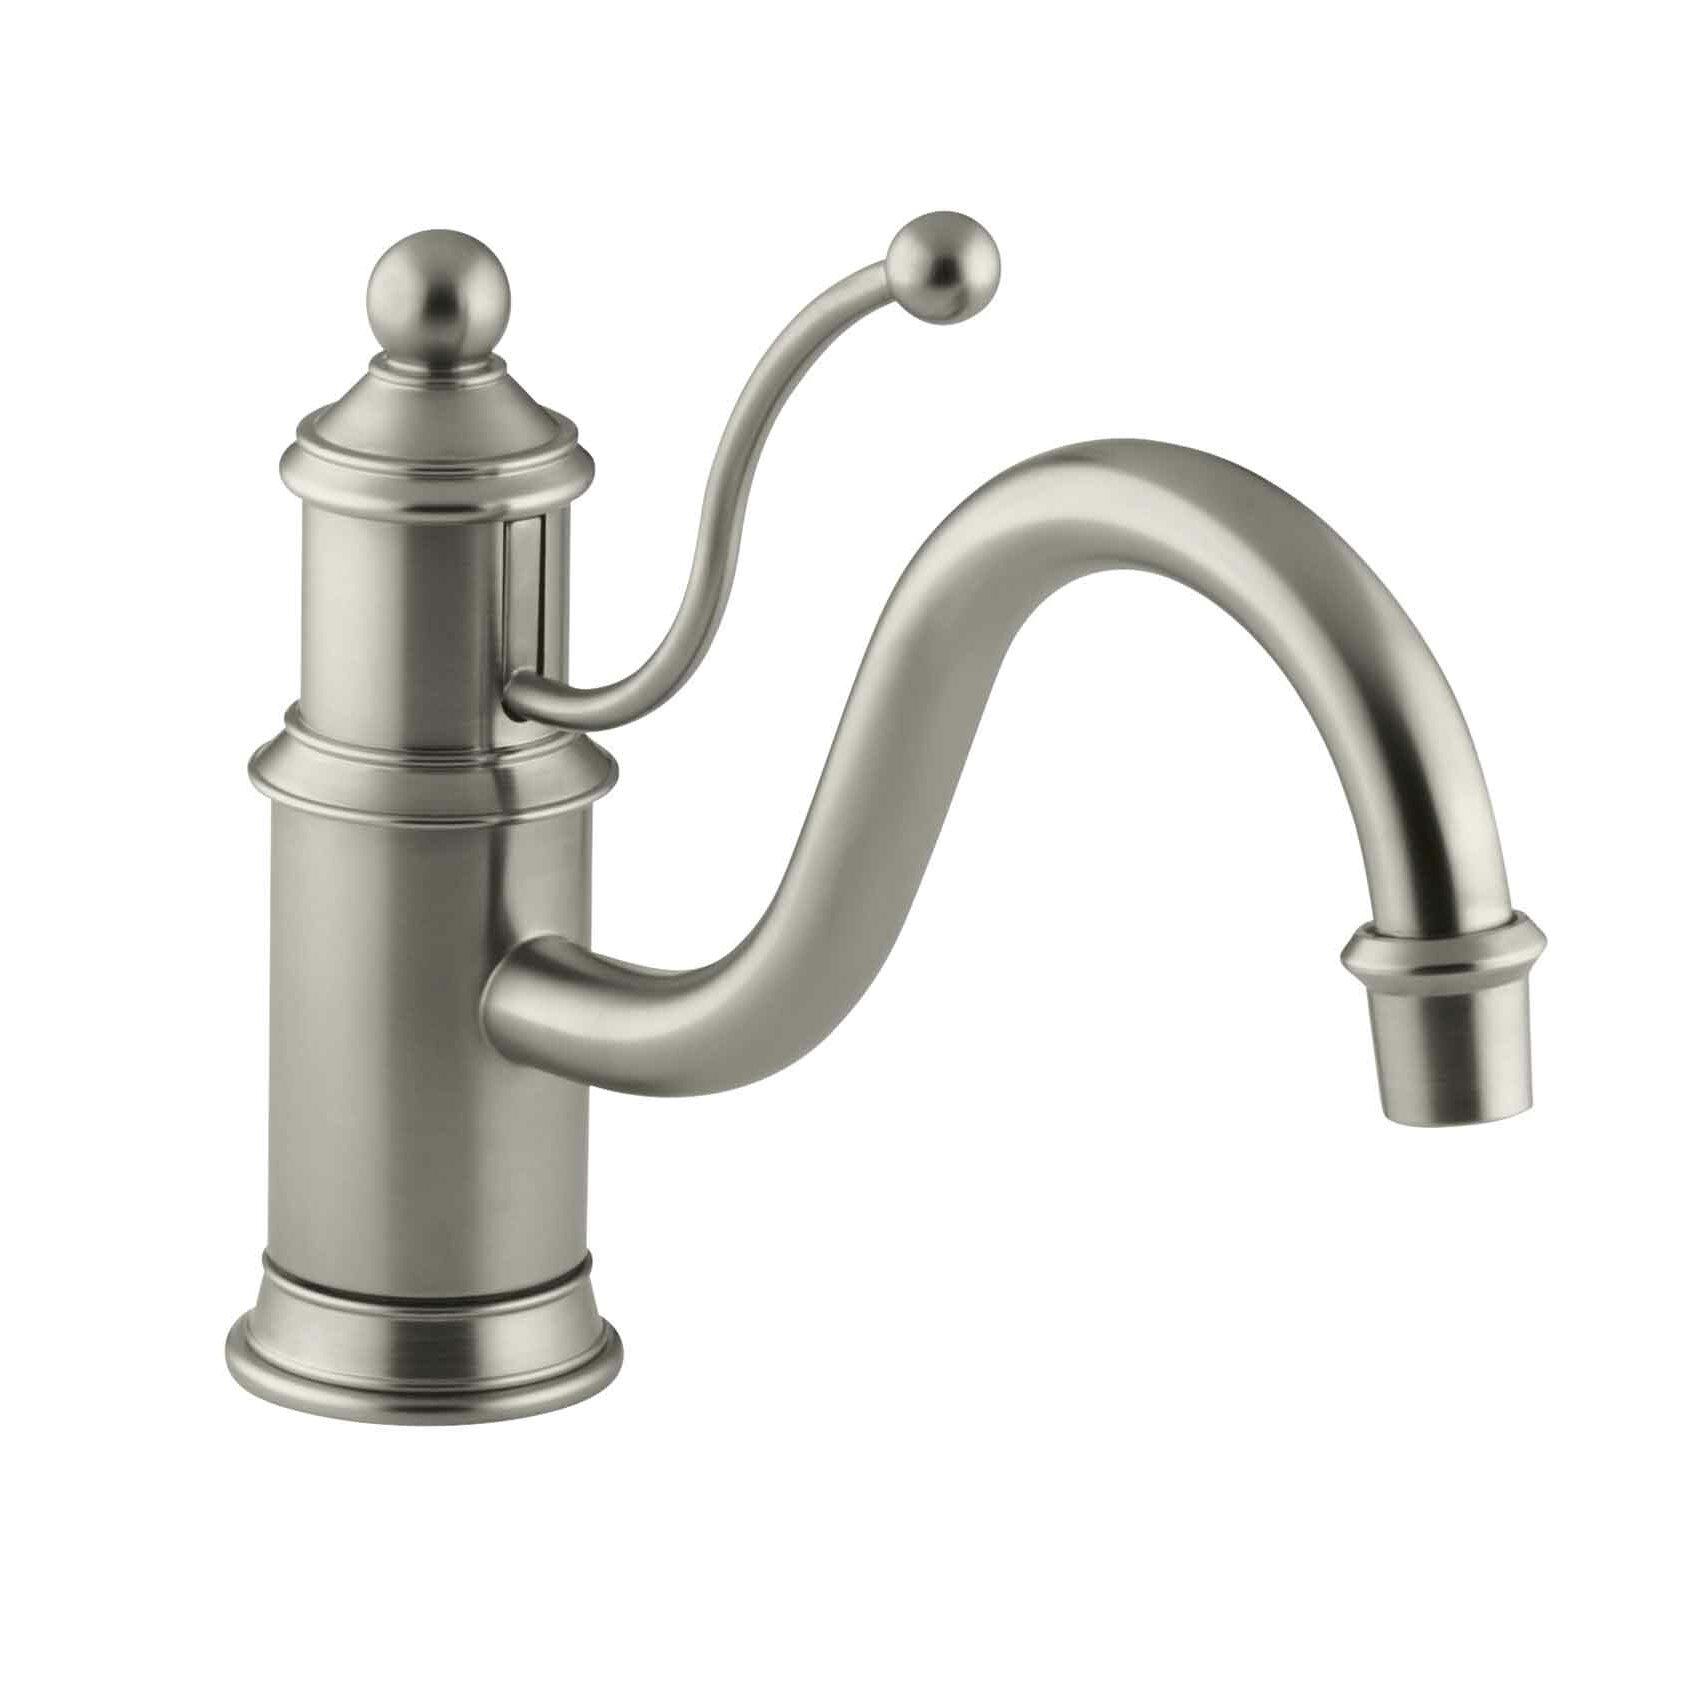 Kohler Antique Kitchen Faucet: Kohler Antique Single-Hole Kitchen Sink Faucet With 8-7/8